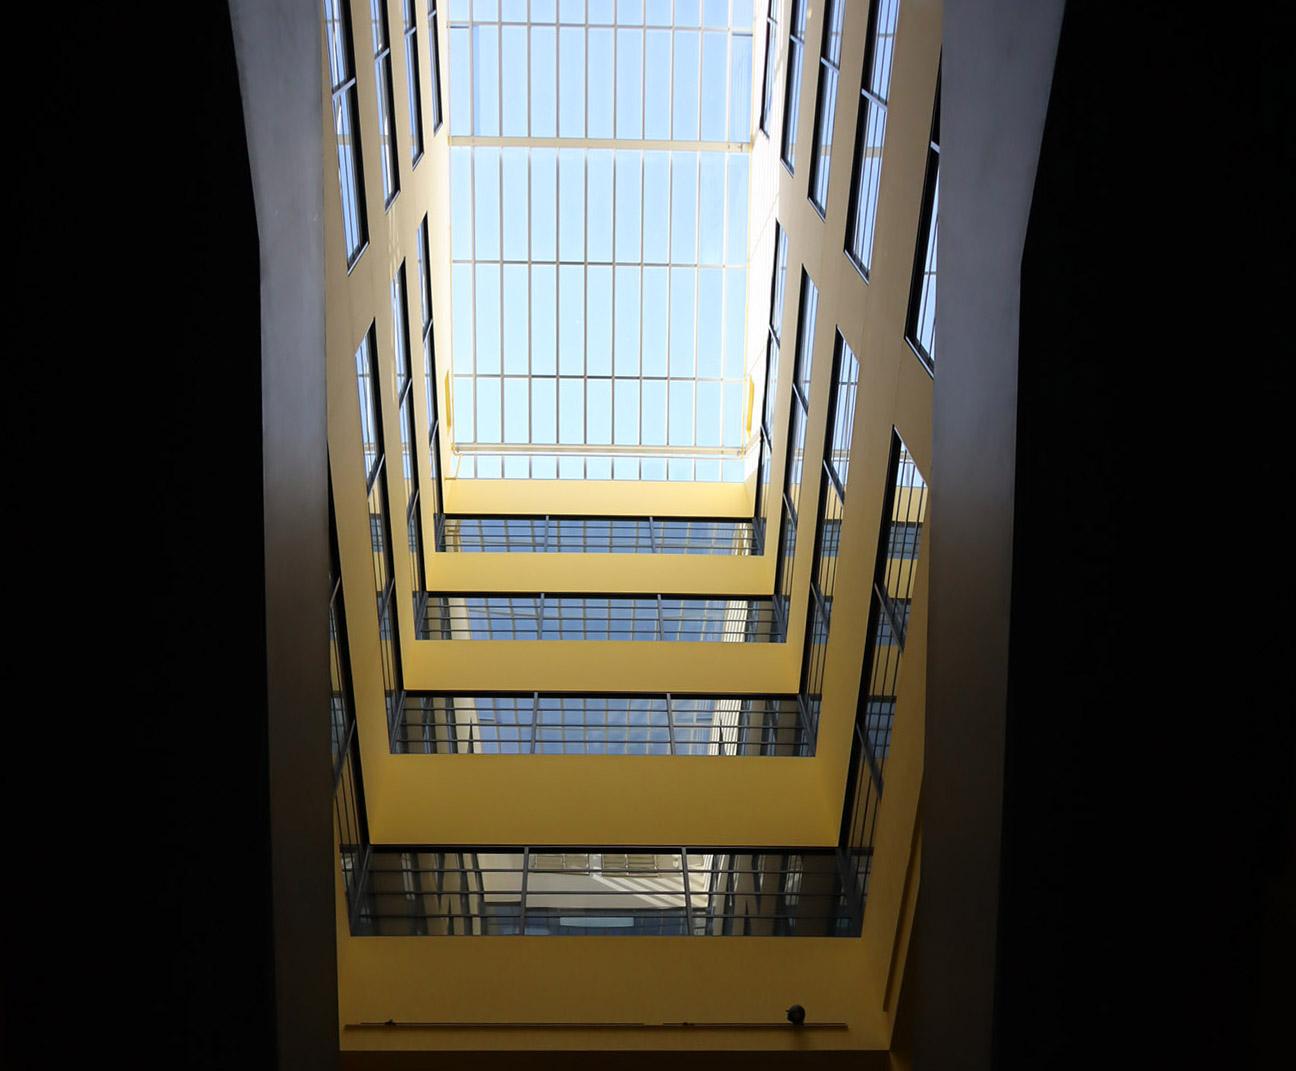 atrium sky court